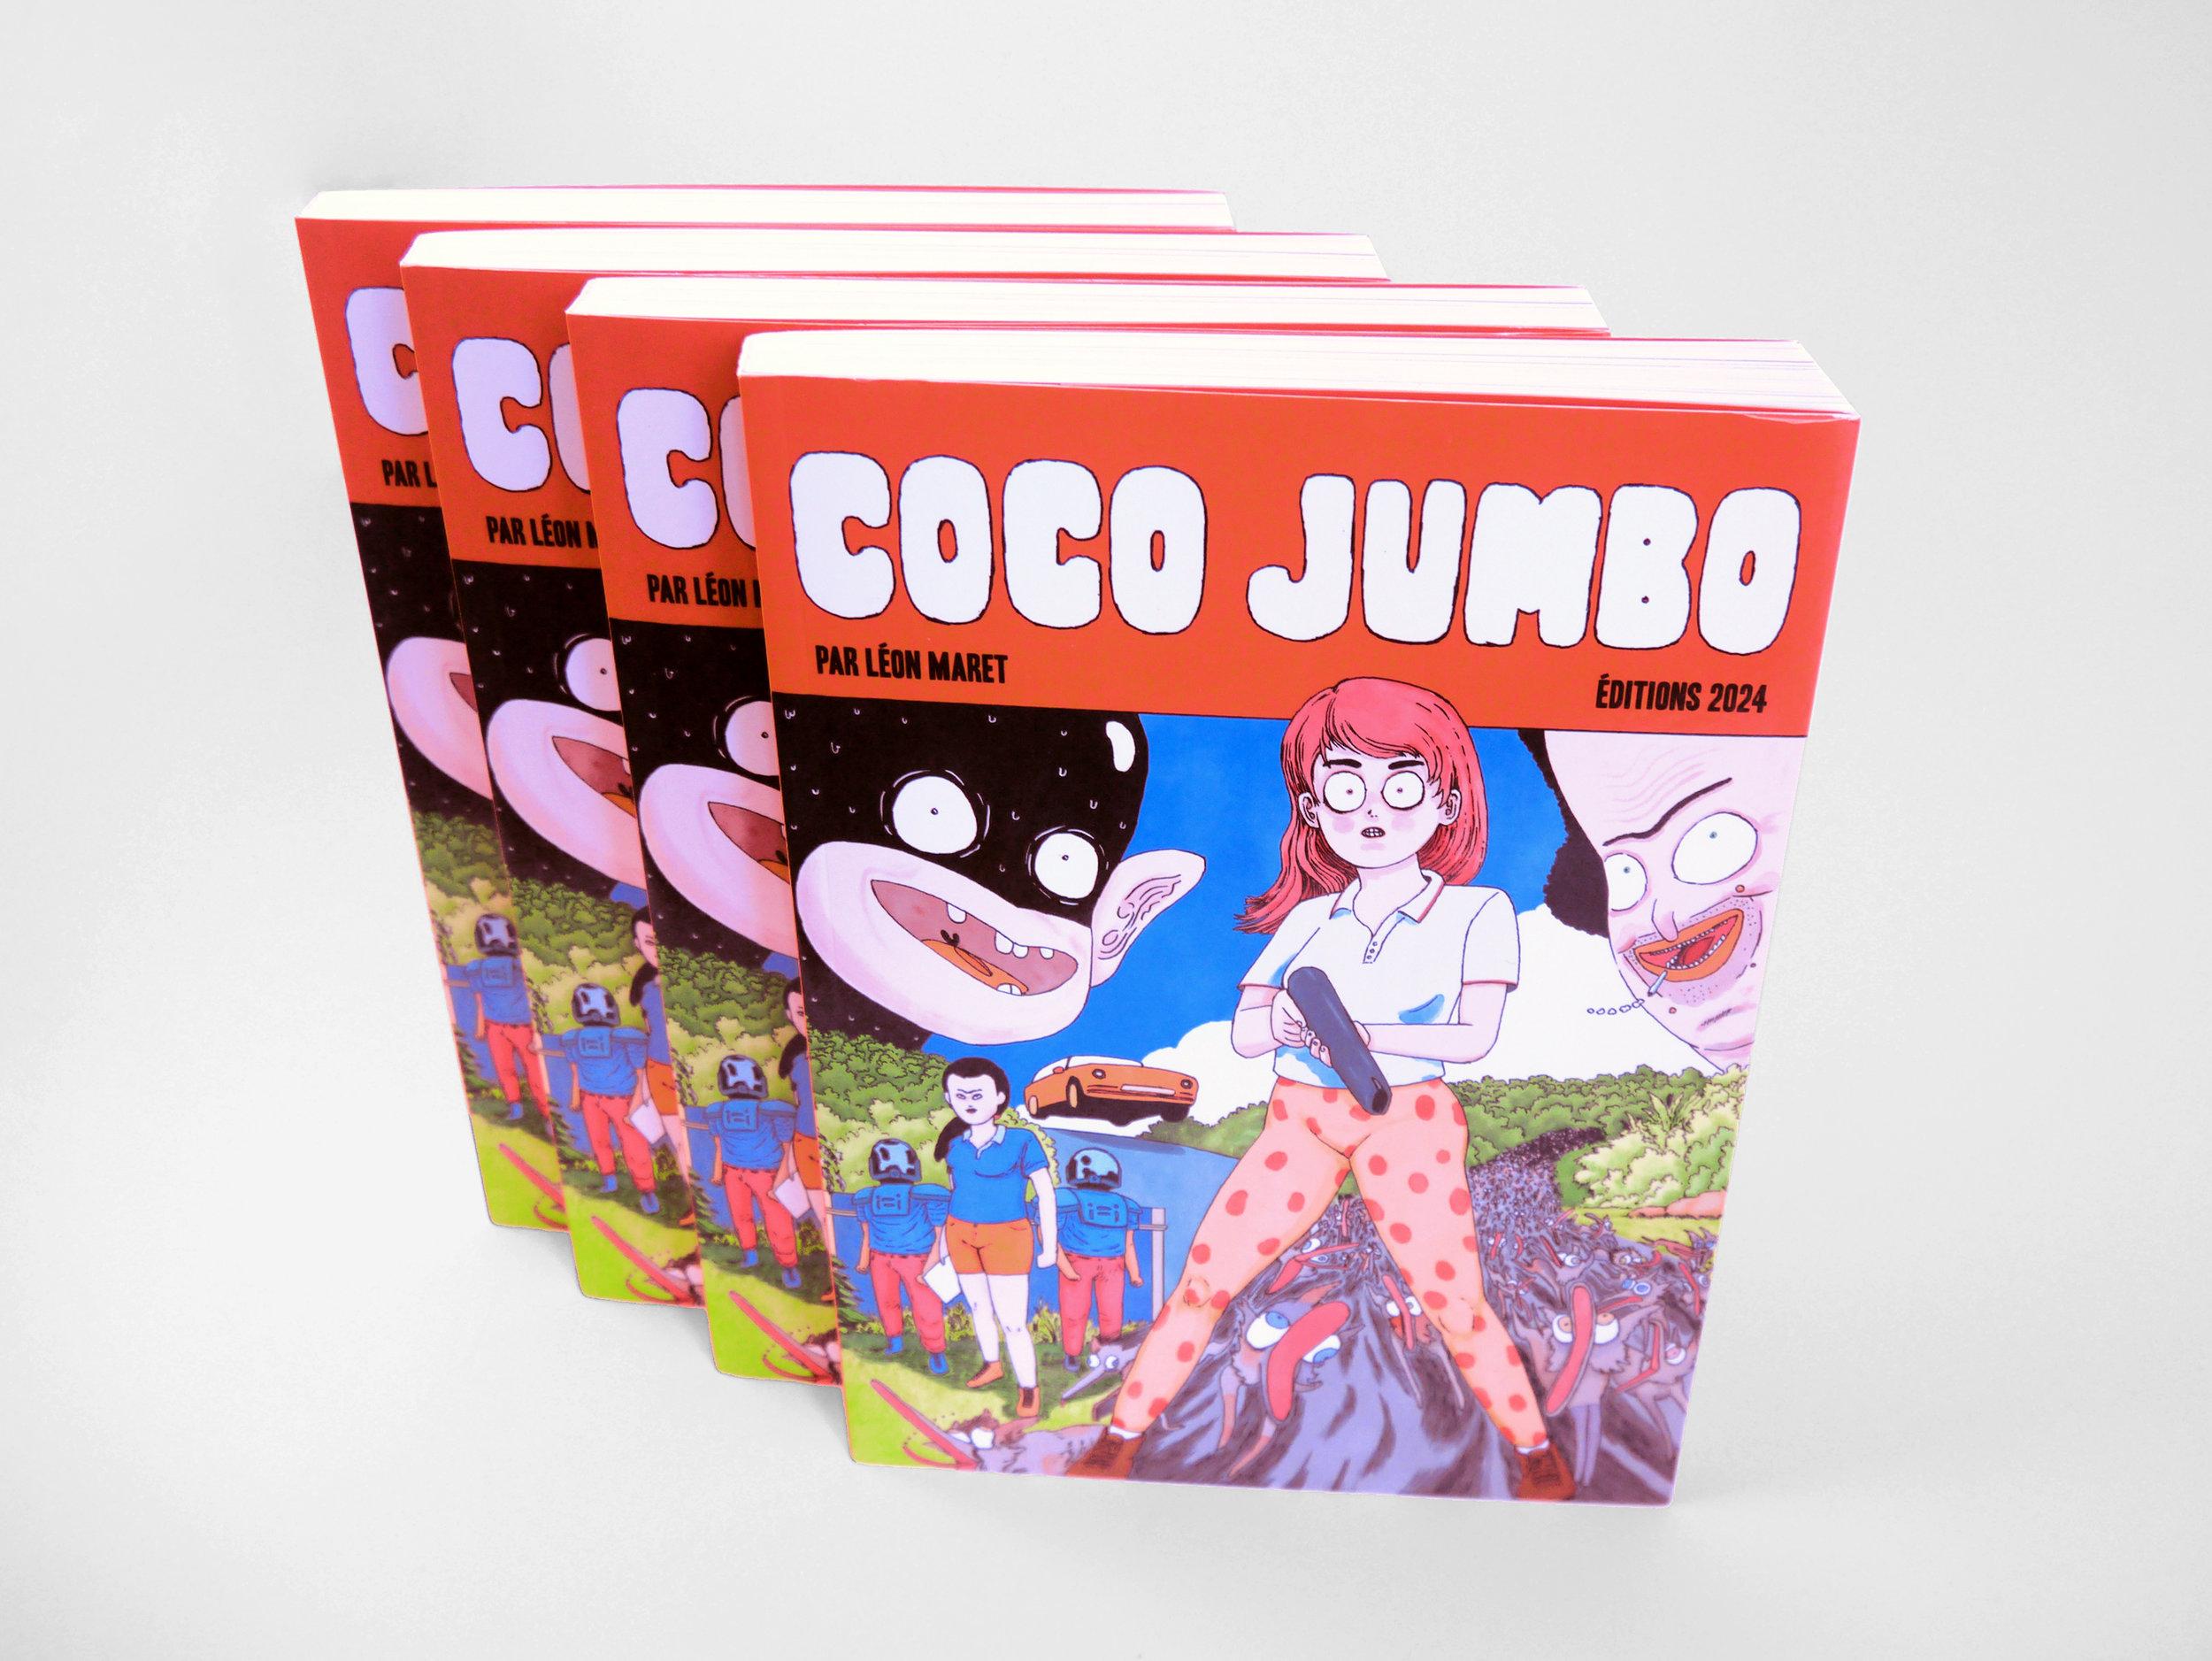 Cocojumbo05.jpg